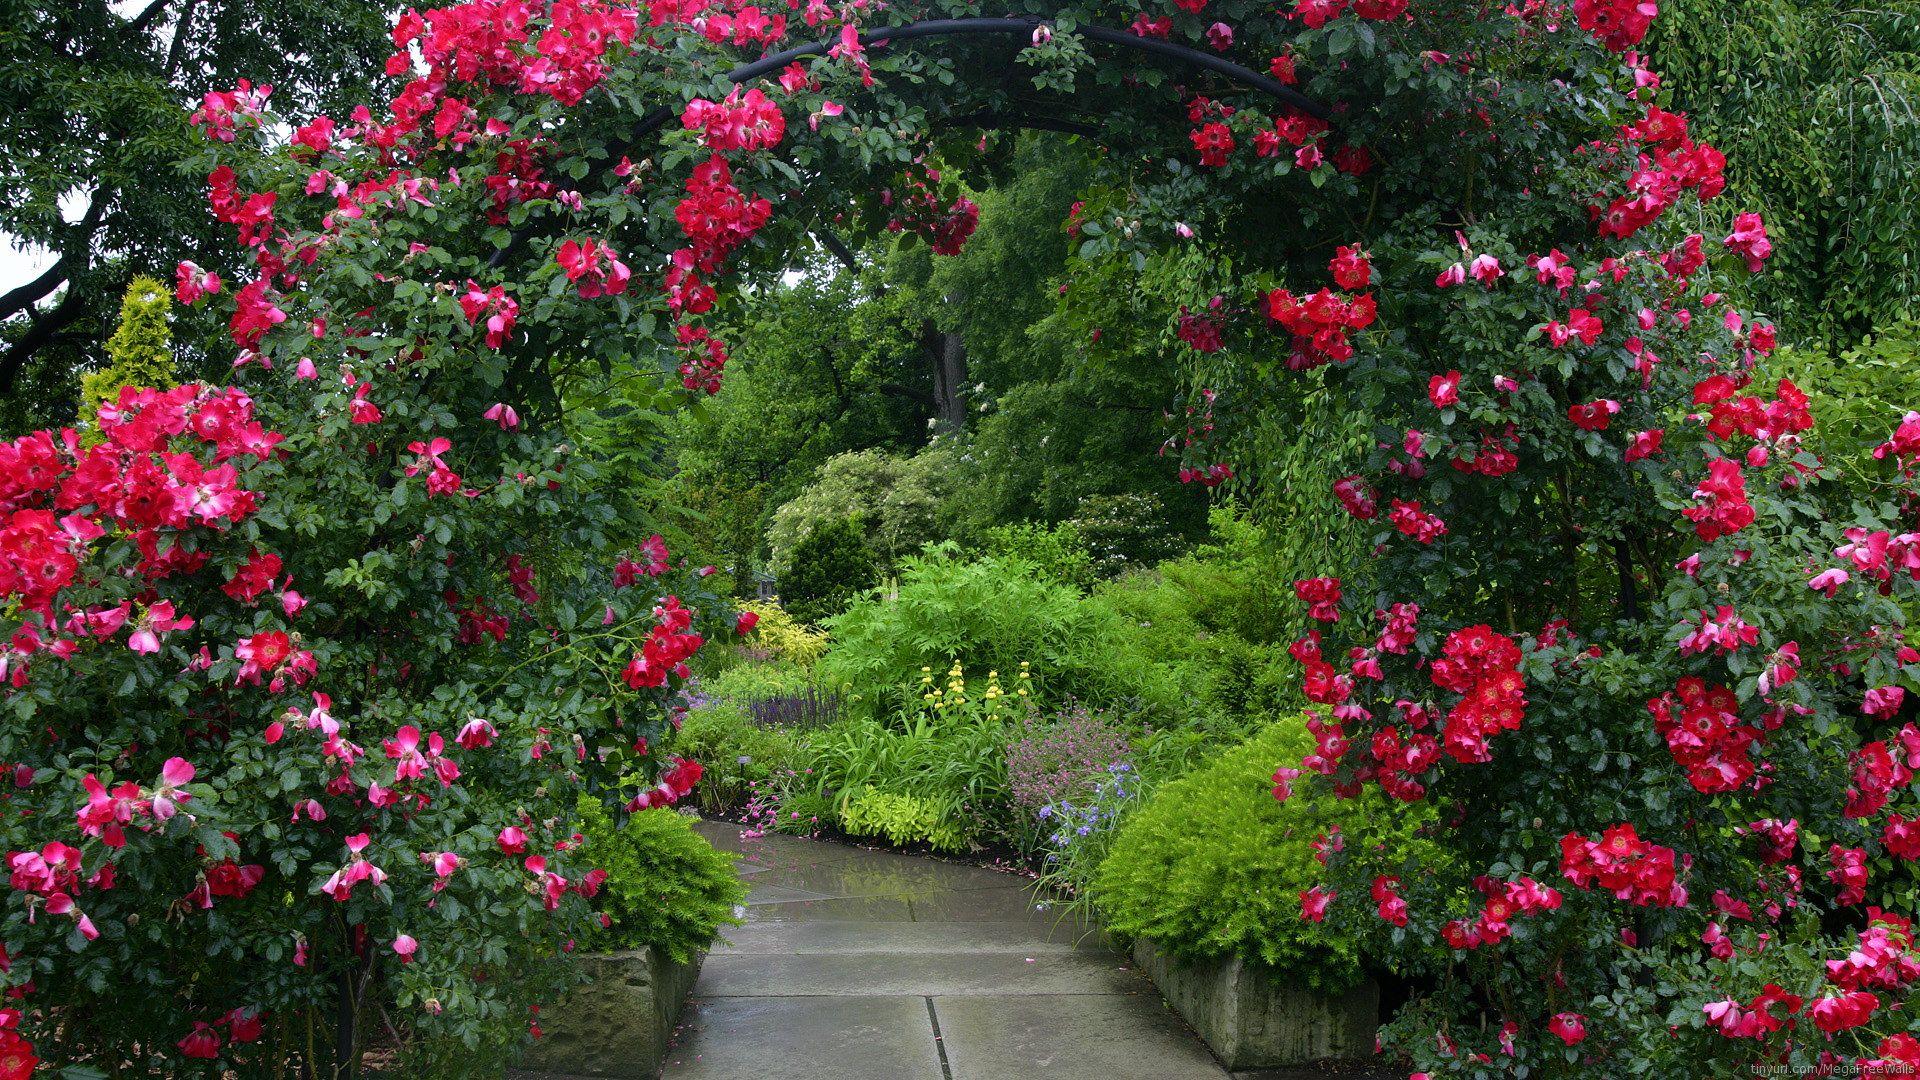 Beautiful Rose Garden Wallpaper beautiful red rose garden | our tiny house | pinterest | garden